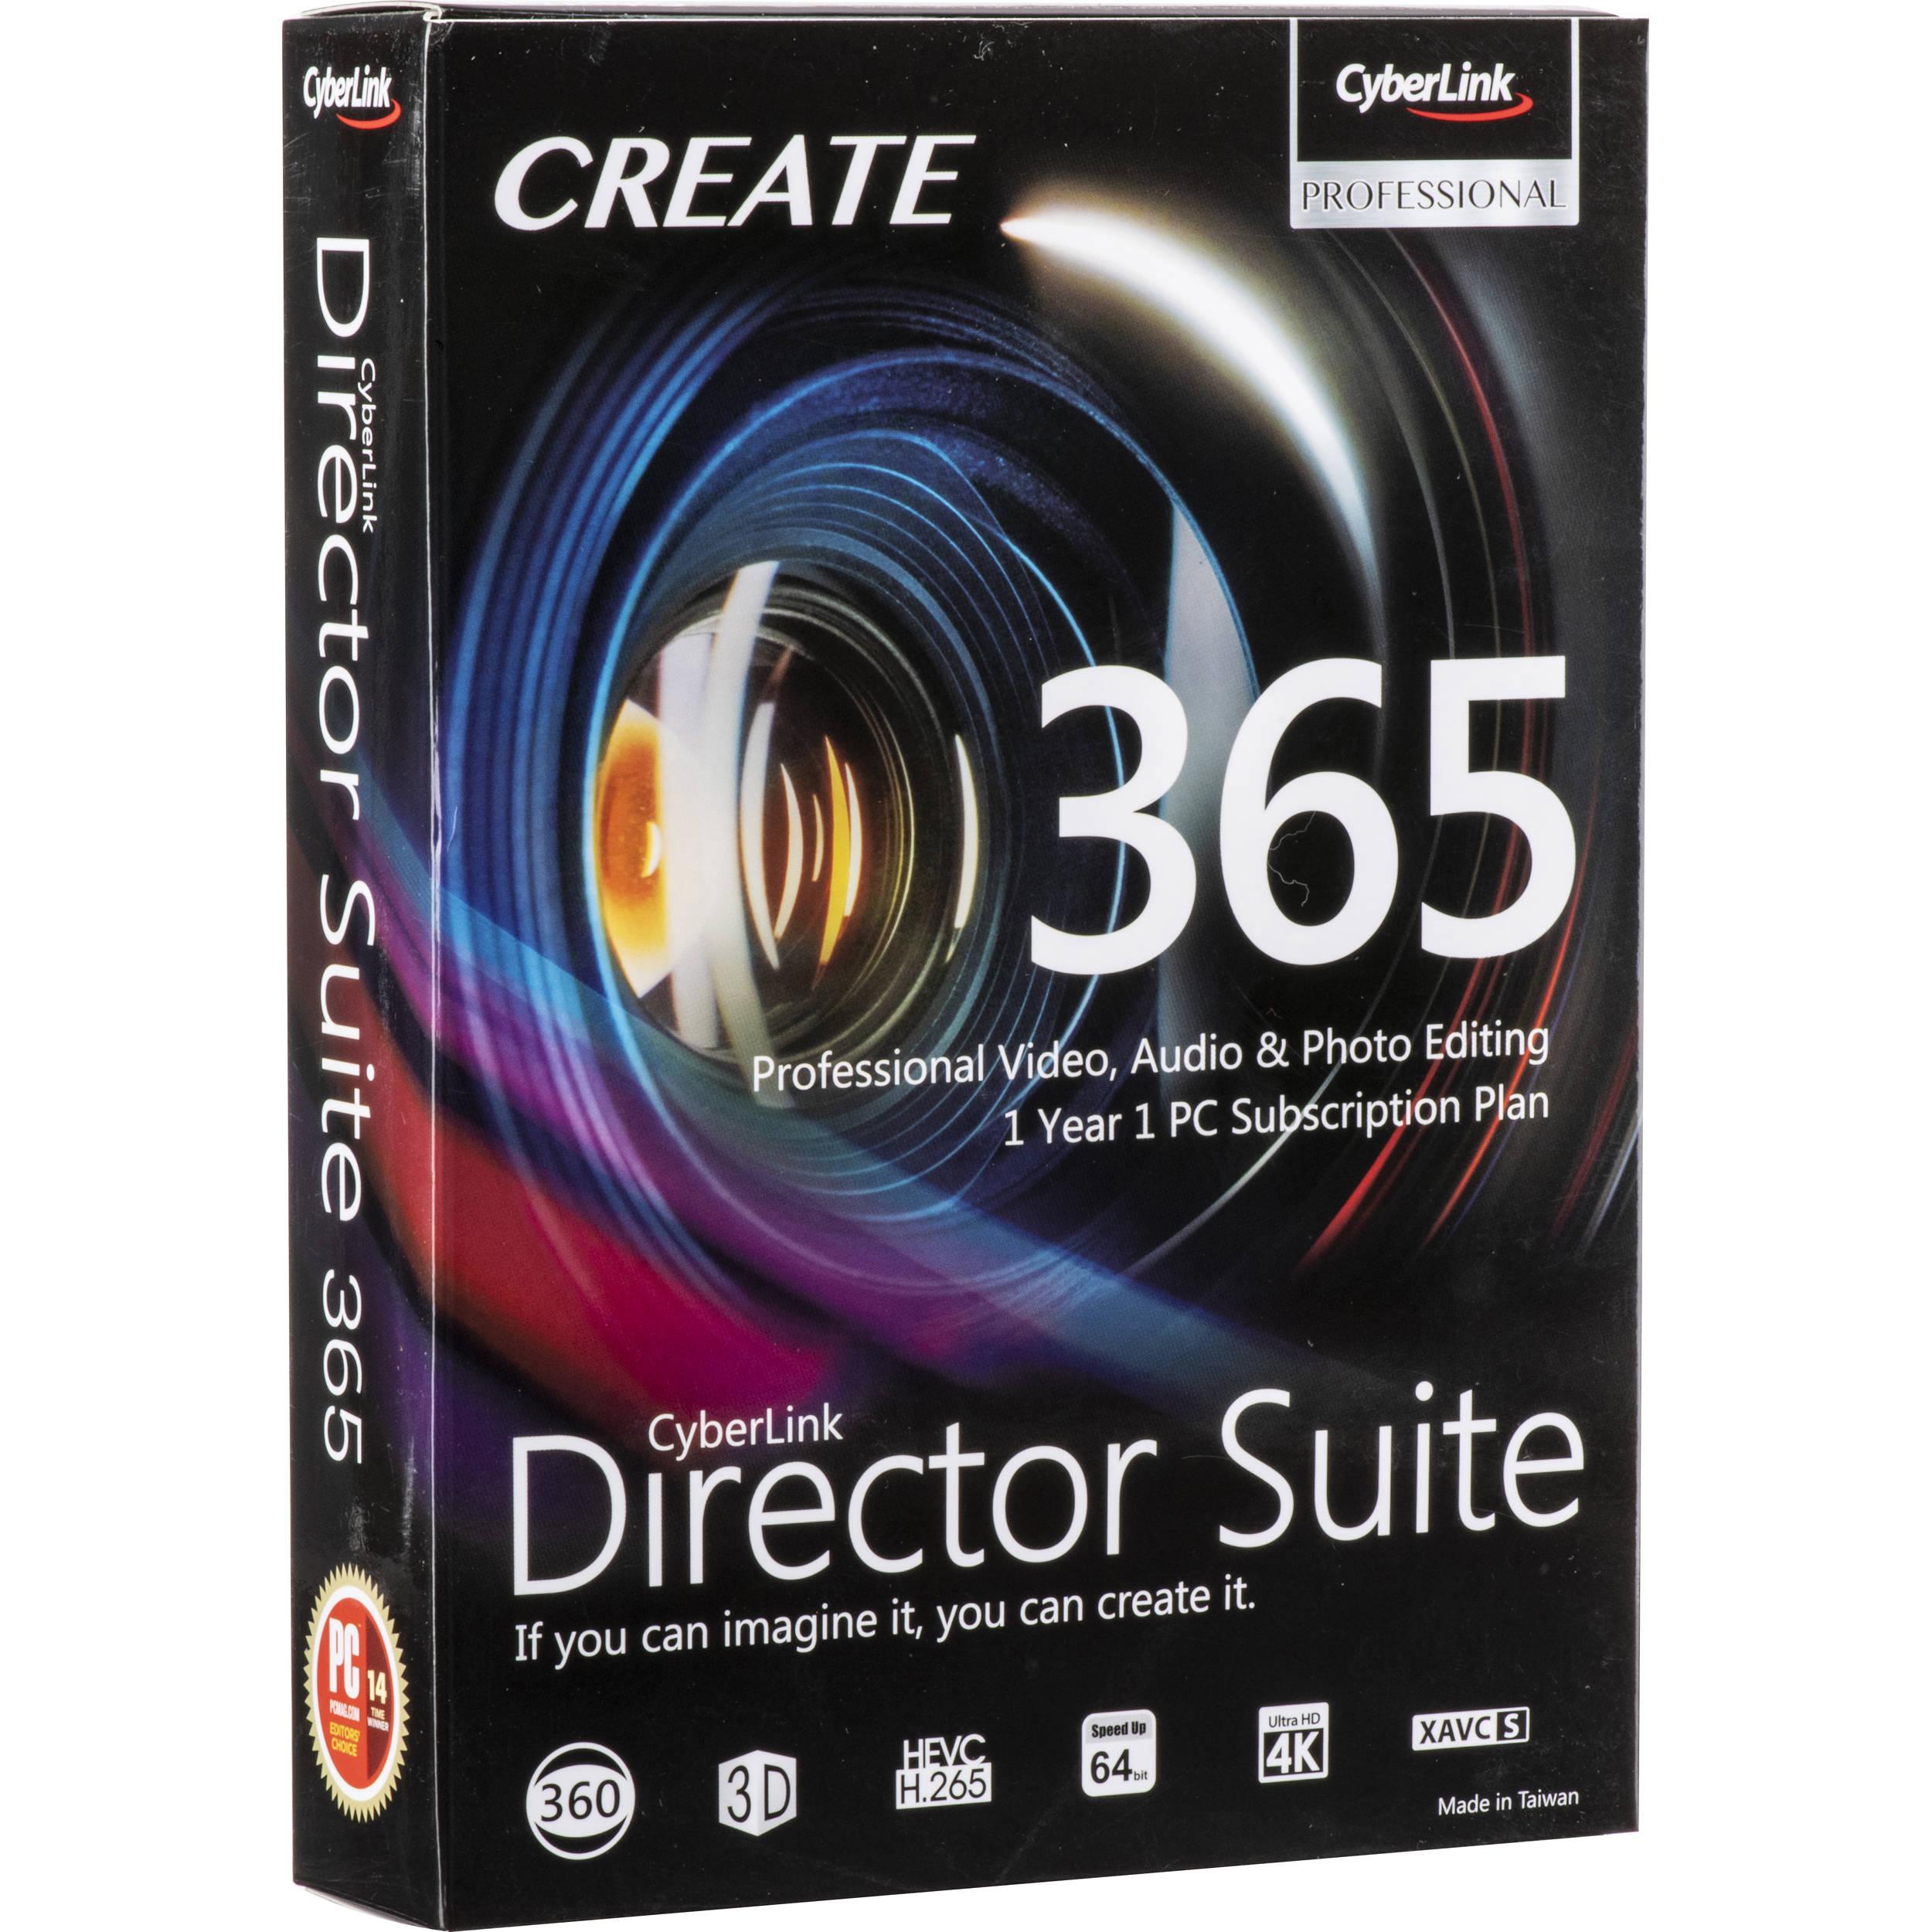 cyberlink director suite 6 tutorial